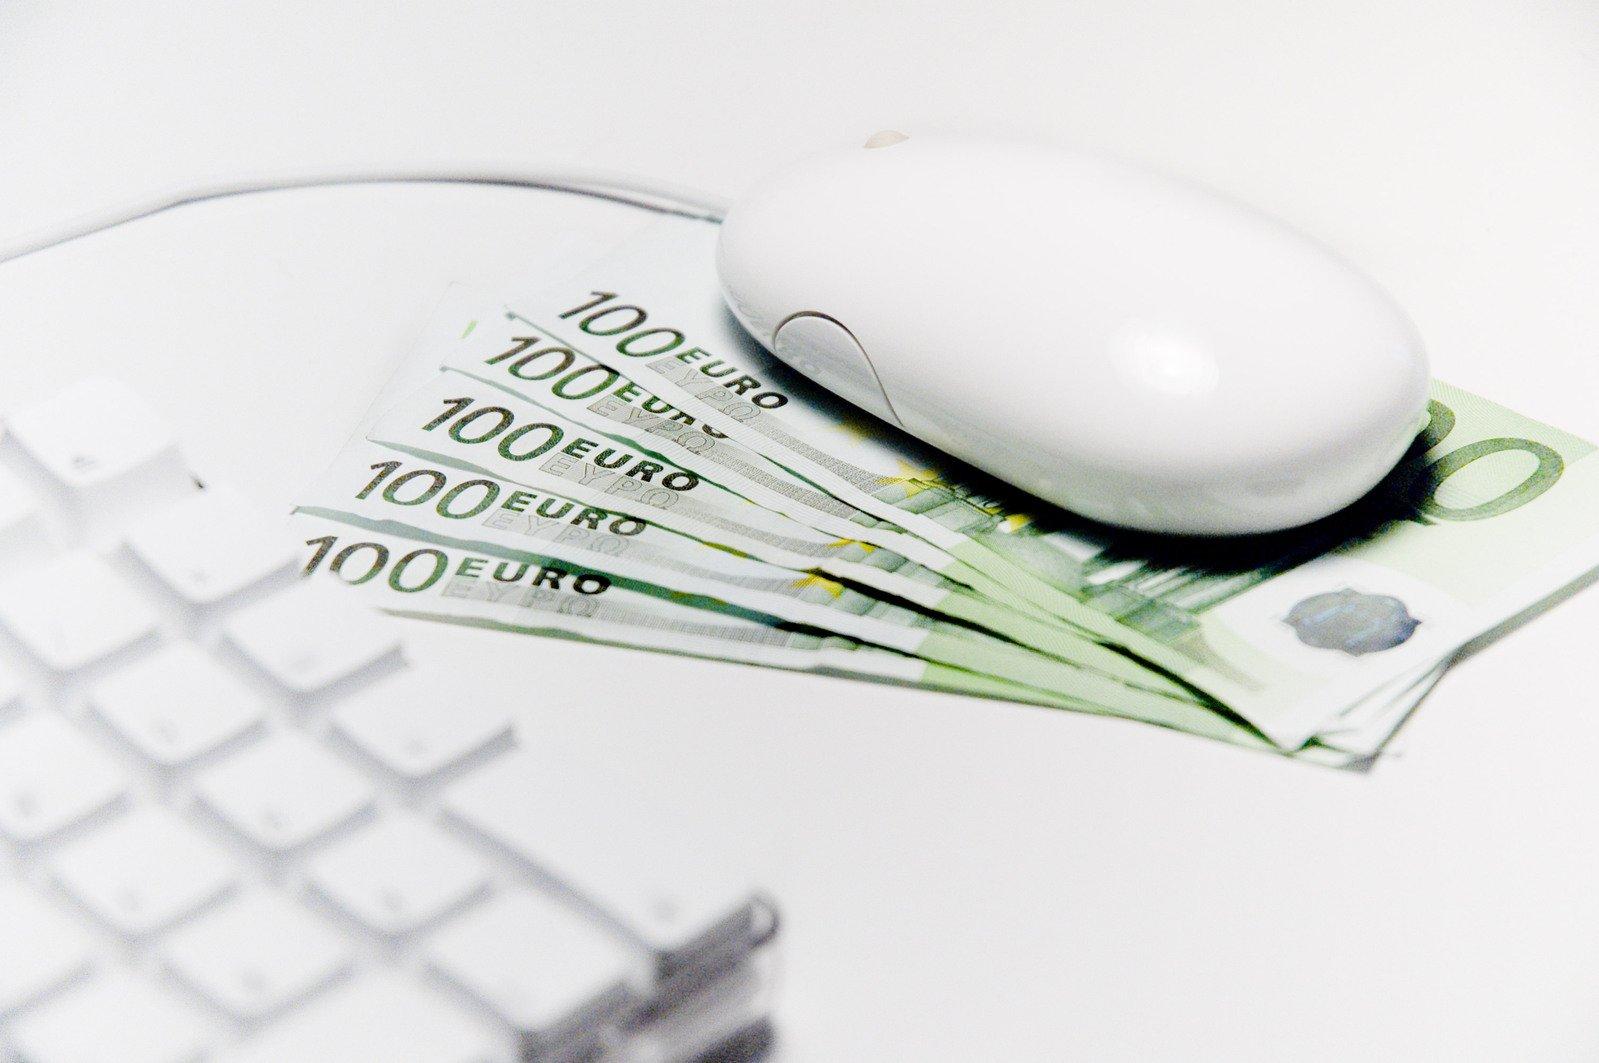 Money Back Image.jpg